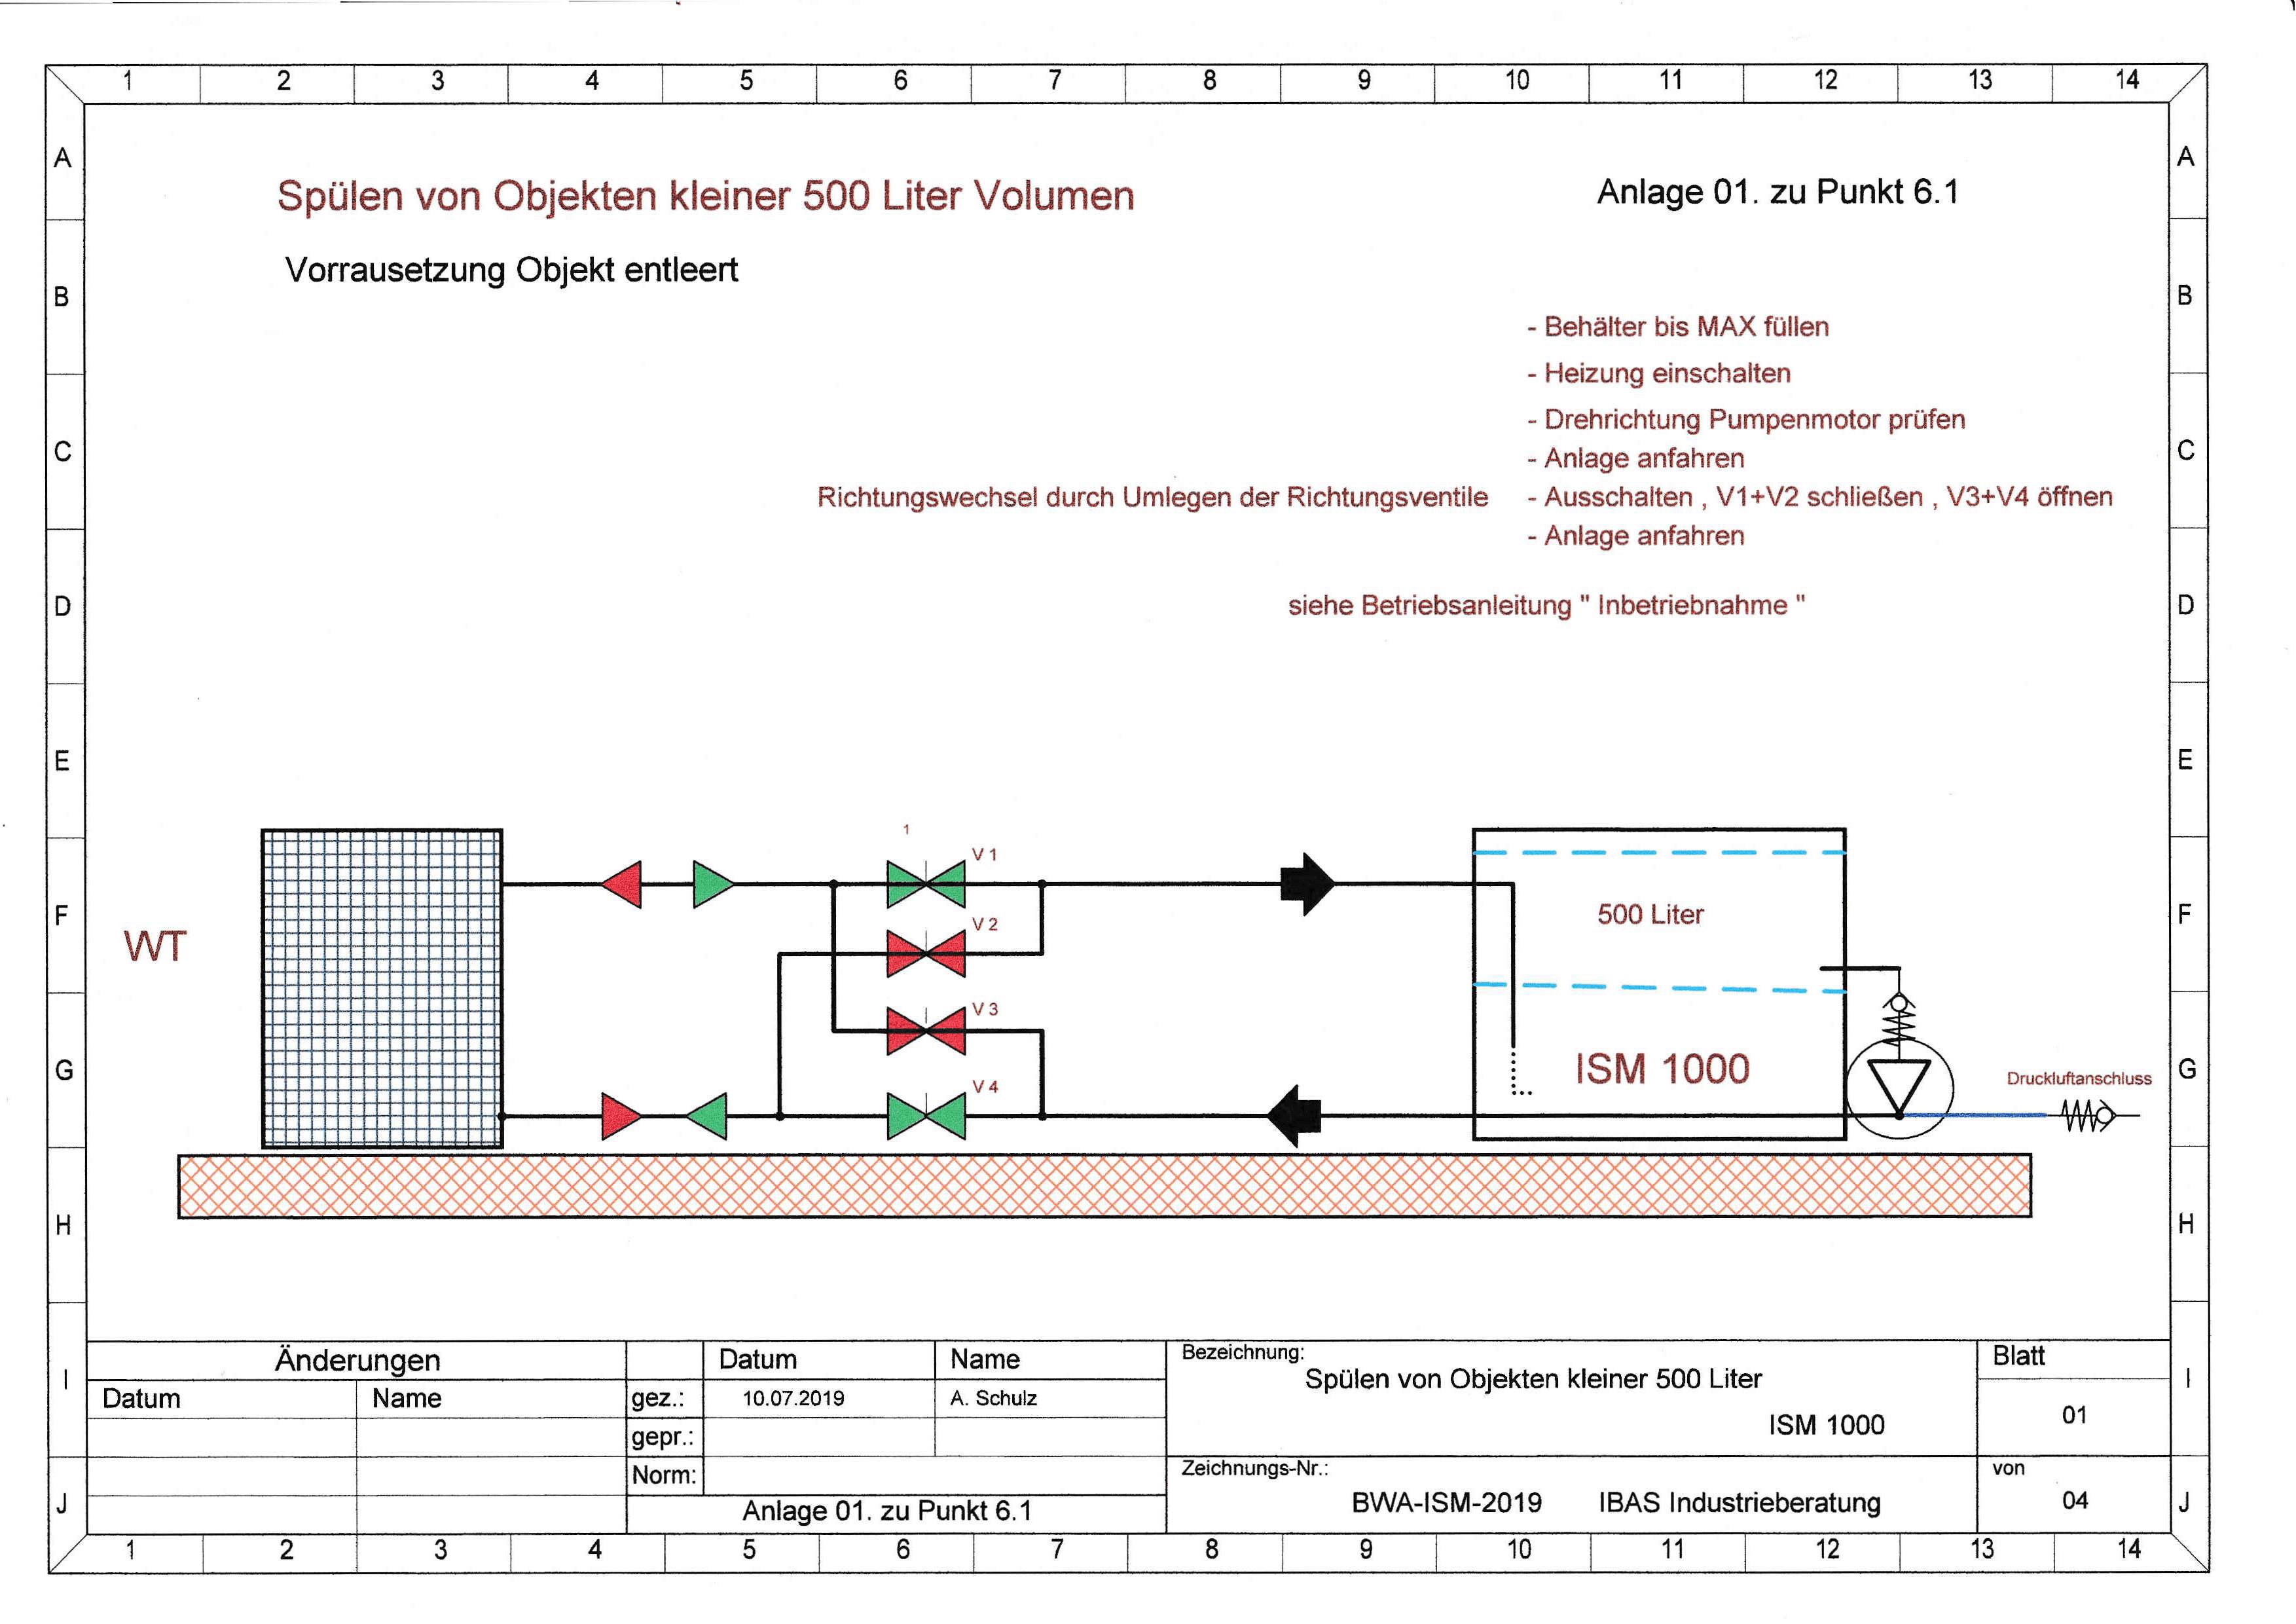 Einsatzmöglichkeiten BWA ISM 1000 | IBAS Industrieberatung Andreas Schulz